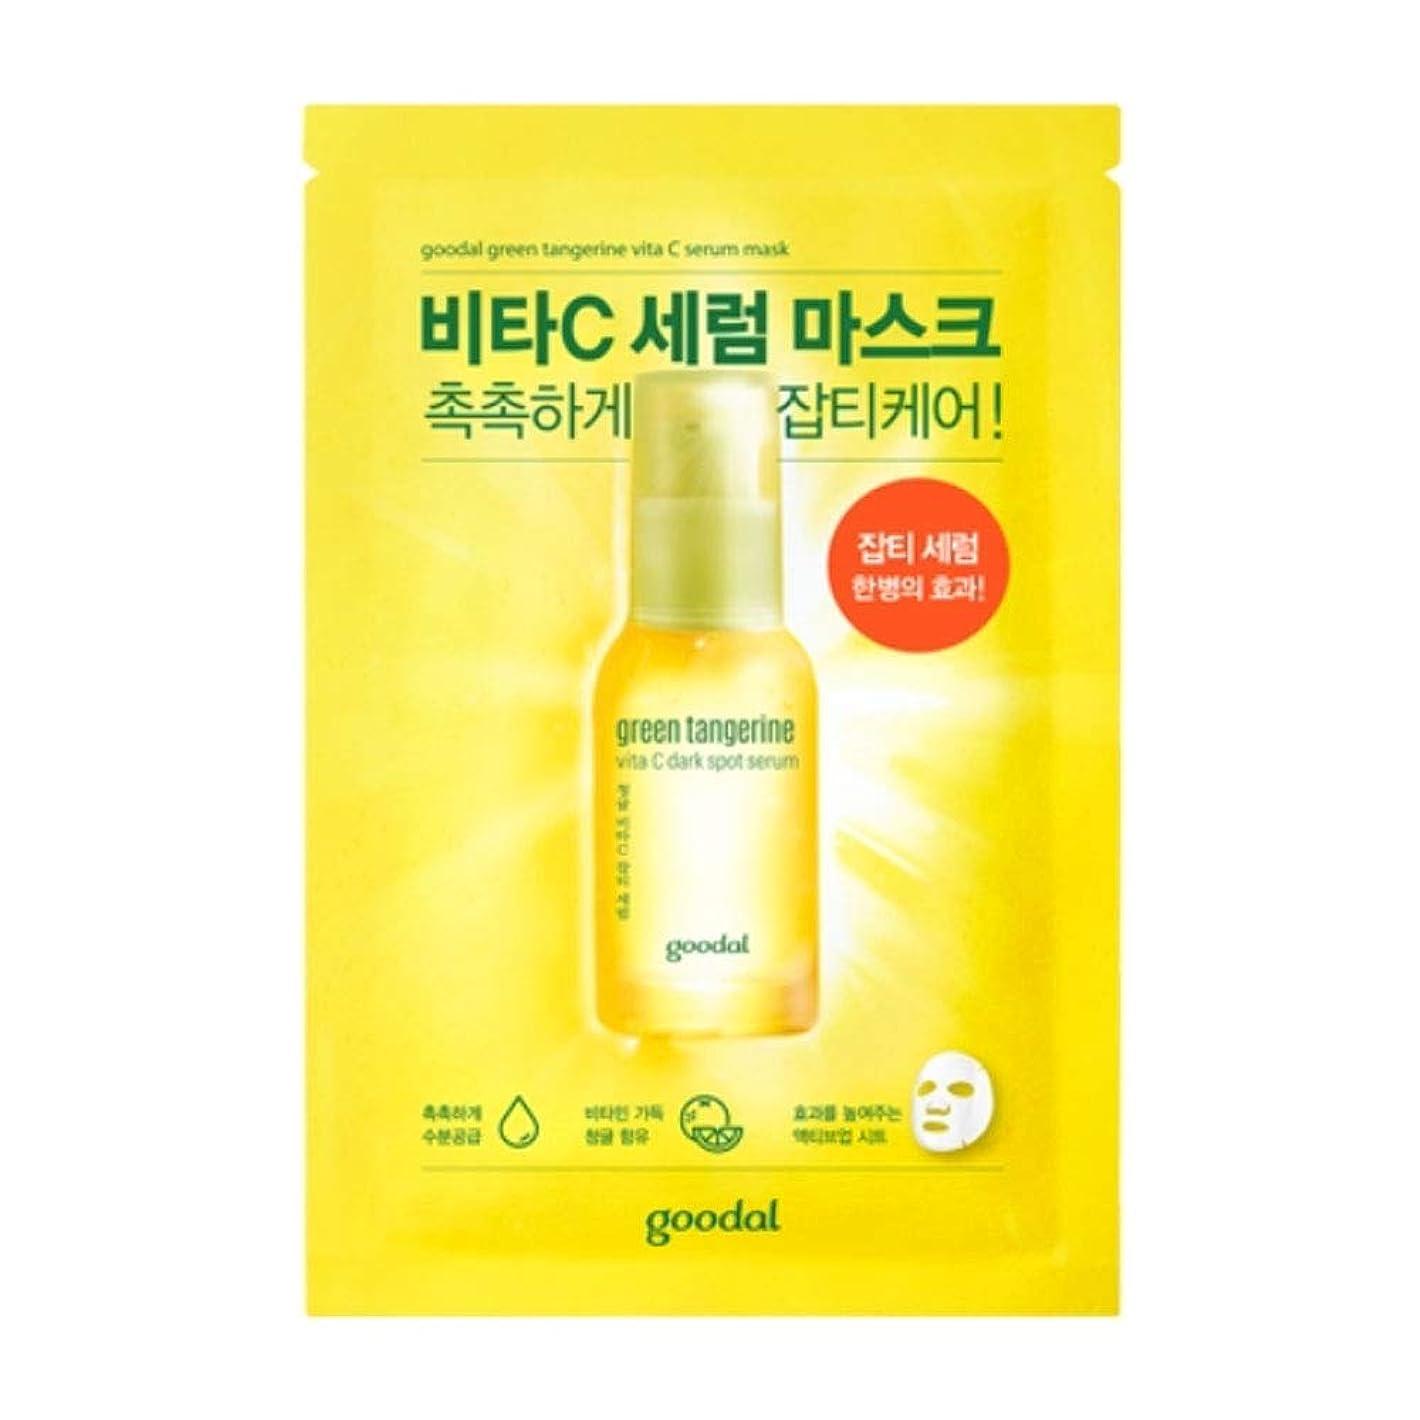 知覚的非武装化配置Goodal Green Tangerine Vita C Dark Spot Serum Sheet mask チョンギュル、ビタC汚れセラムシートマスク (1 Sheet (1シート)) [並行輸入品]